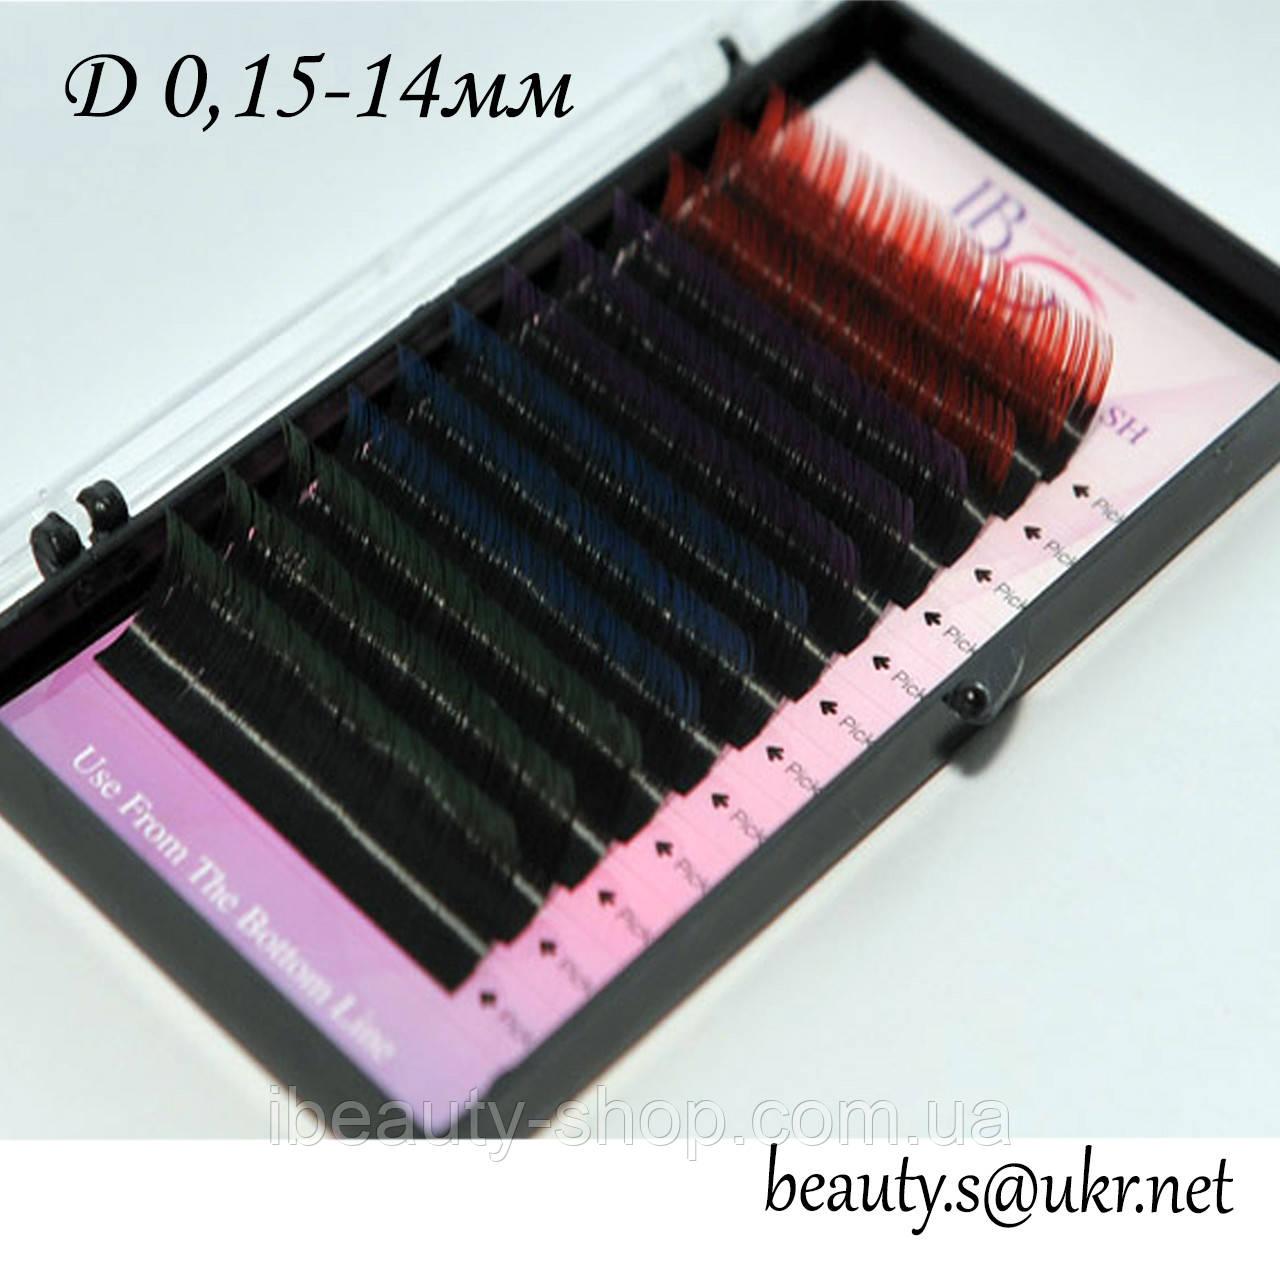 Вії I-Beauty, Д 0,15-14мм,кольорові кінці,4 кольори